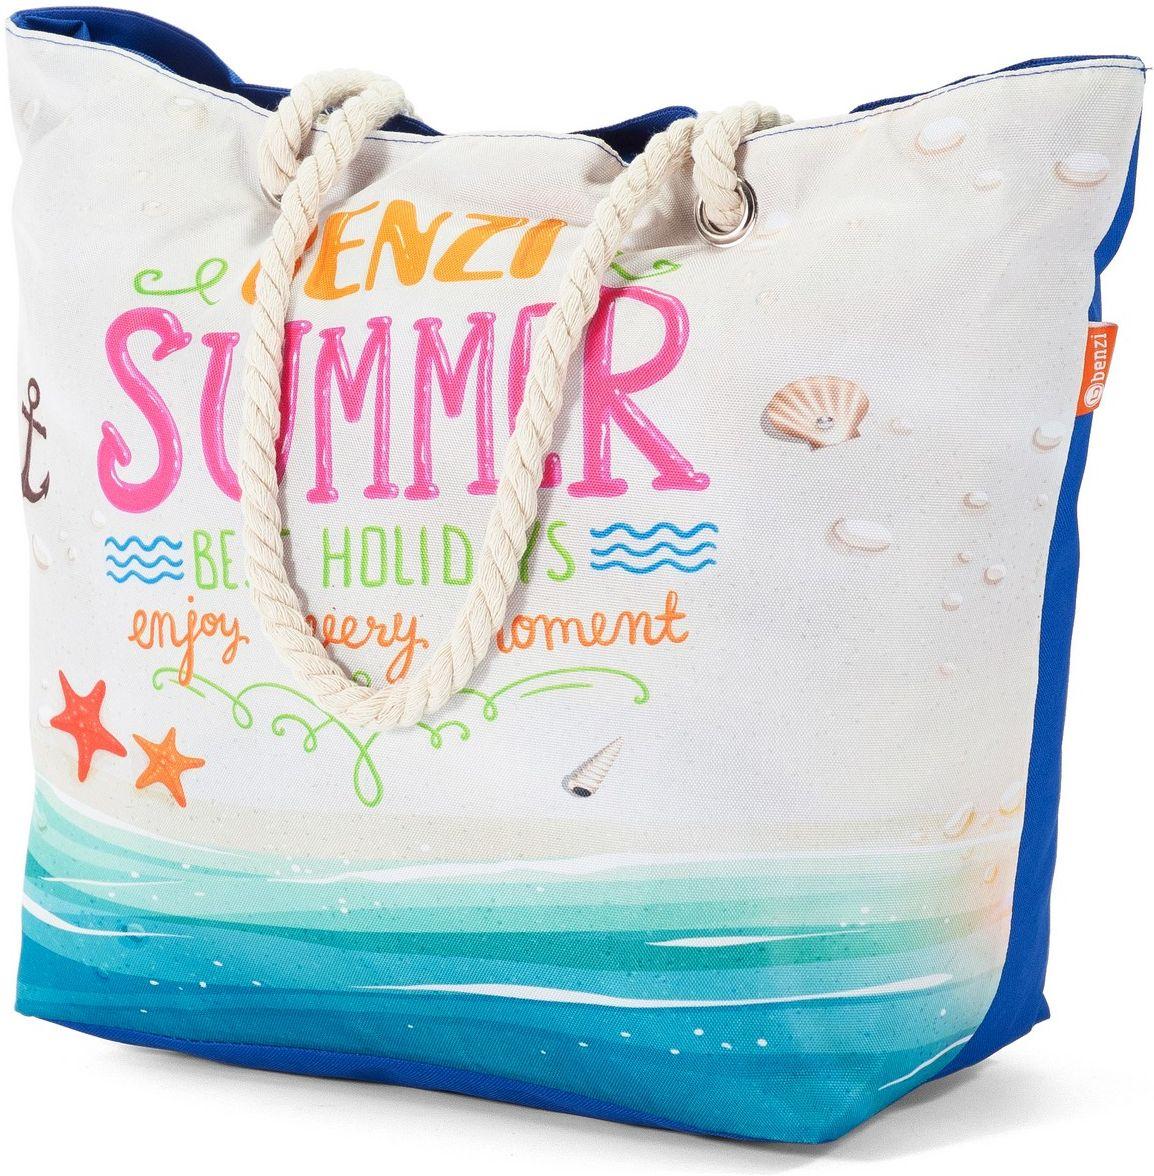 Τσαντα Θαλασσης Summer Benzi BZ5200 πορτοφολια   αξεσουάρ   αξεσουαρ   τσάντες παραλίας